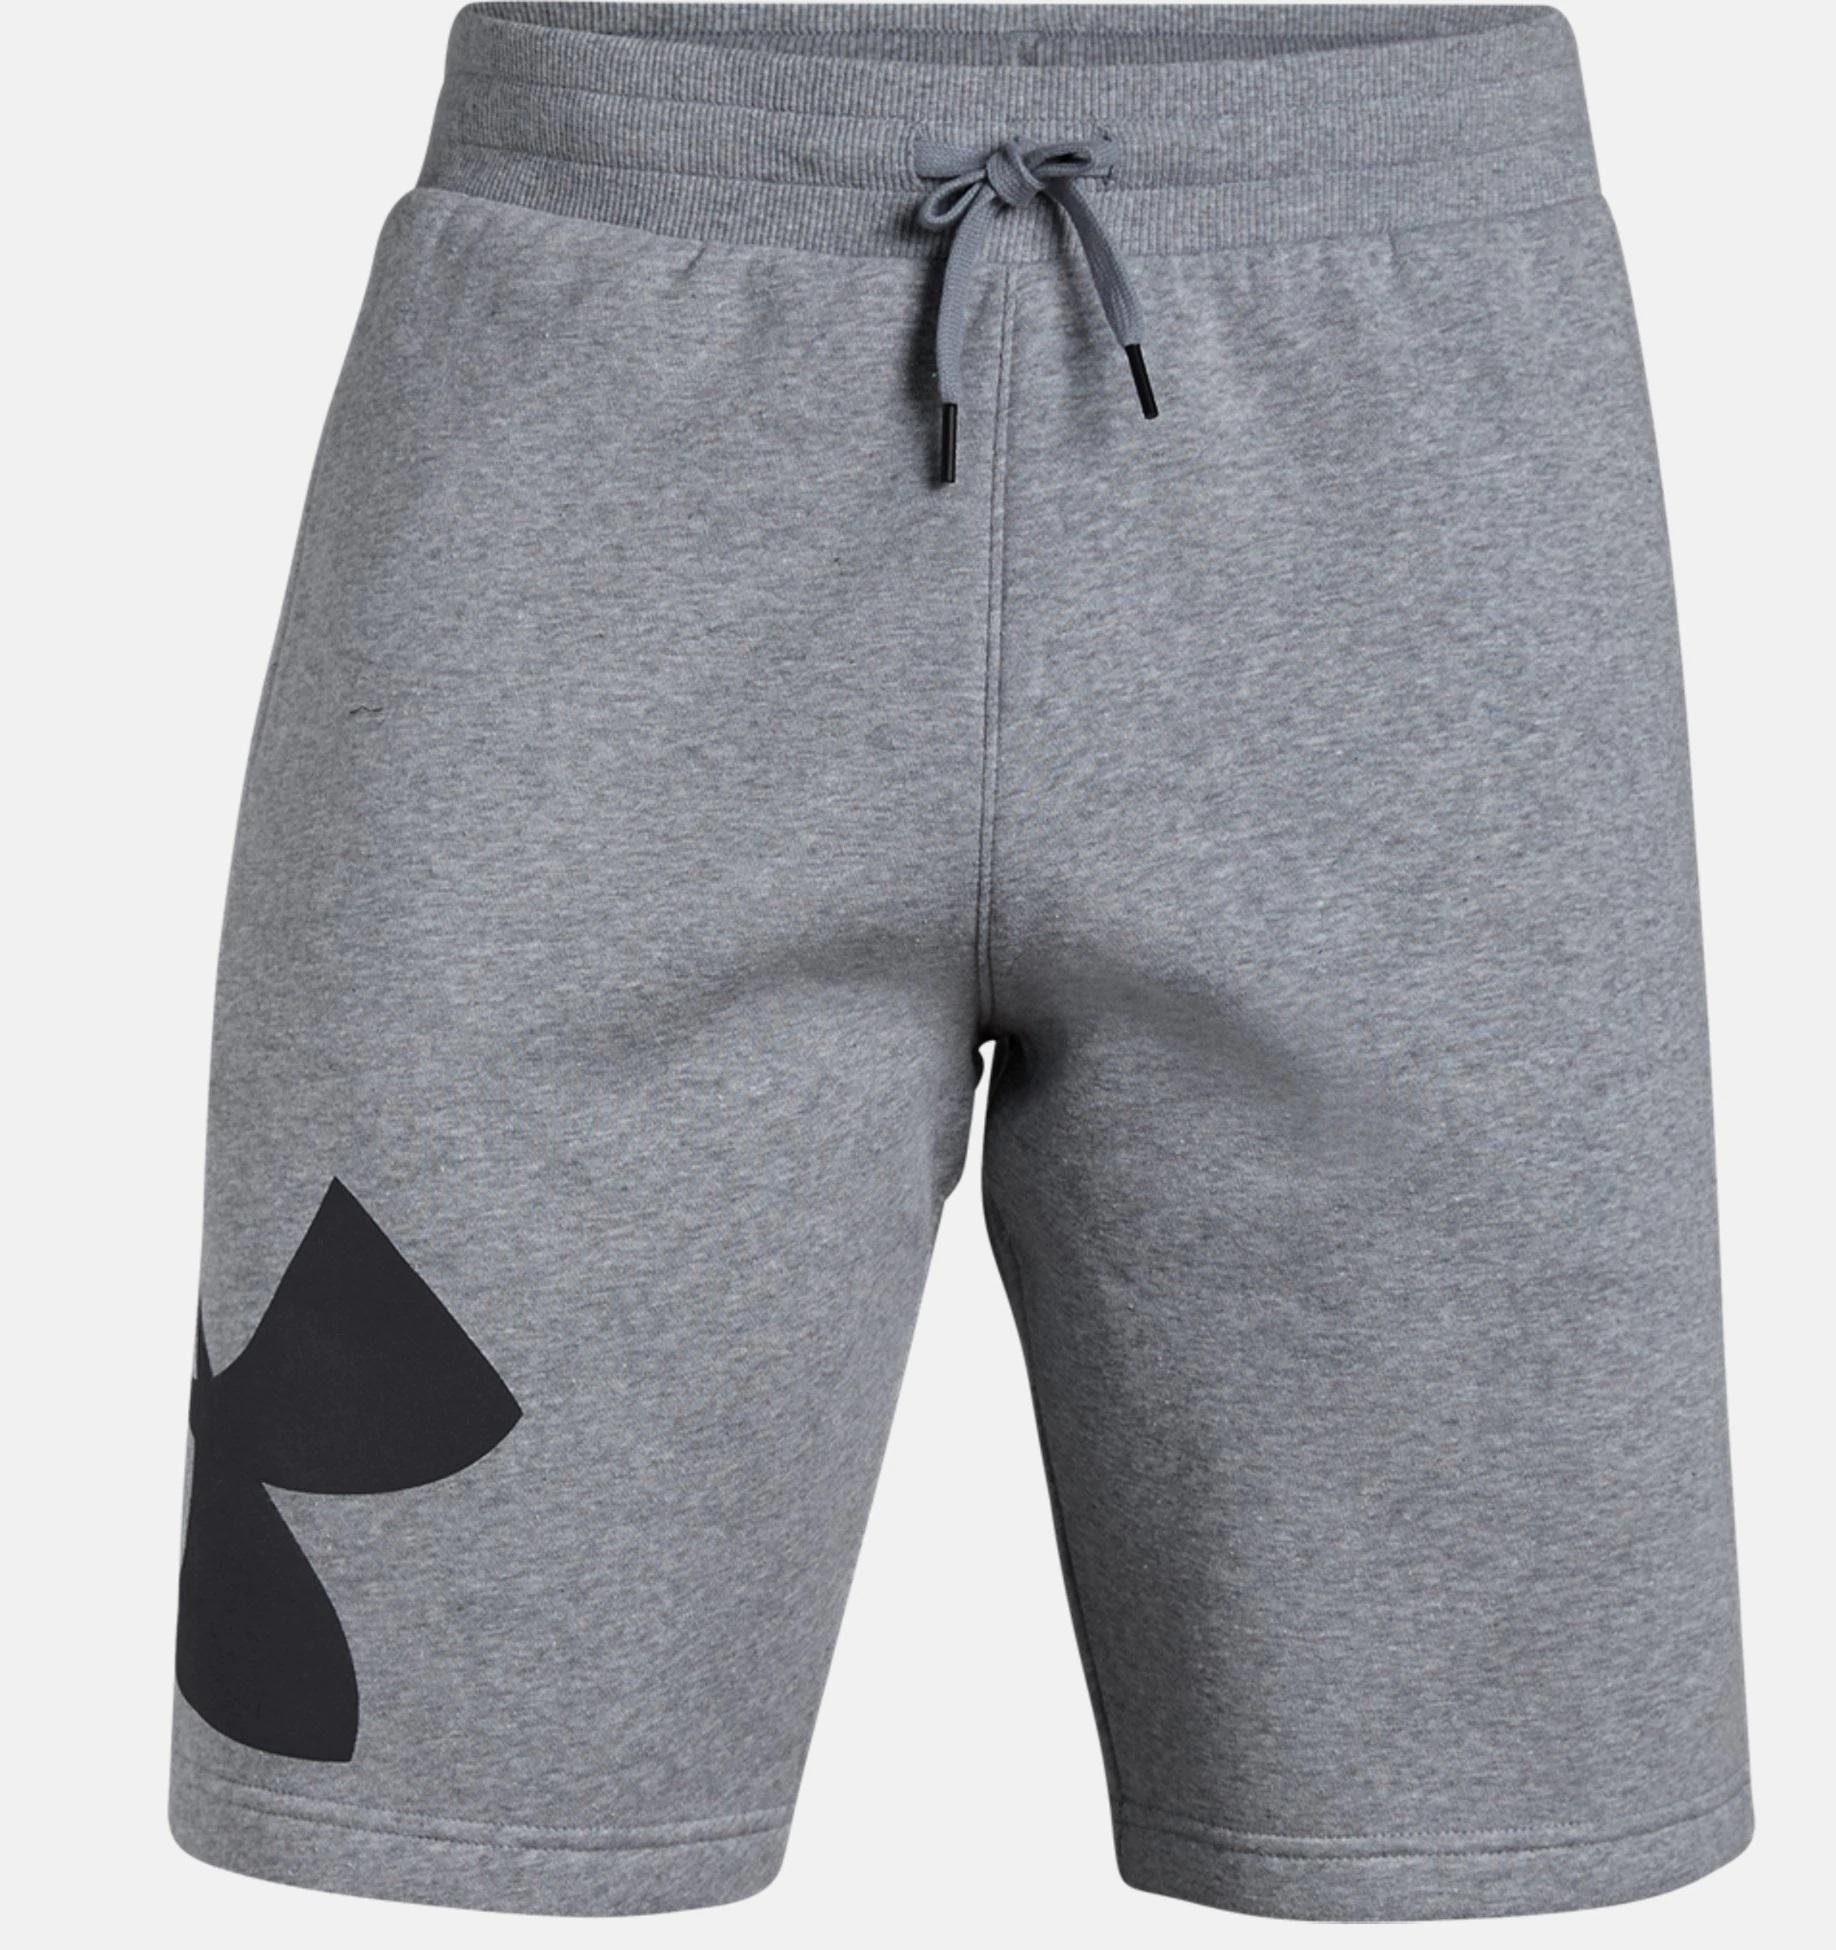 Clothing -  under armour UA Rival Fleece Logo Shorts 9747